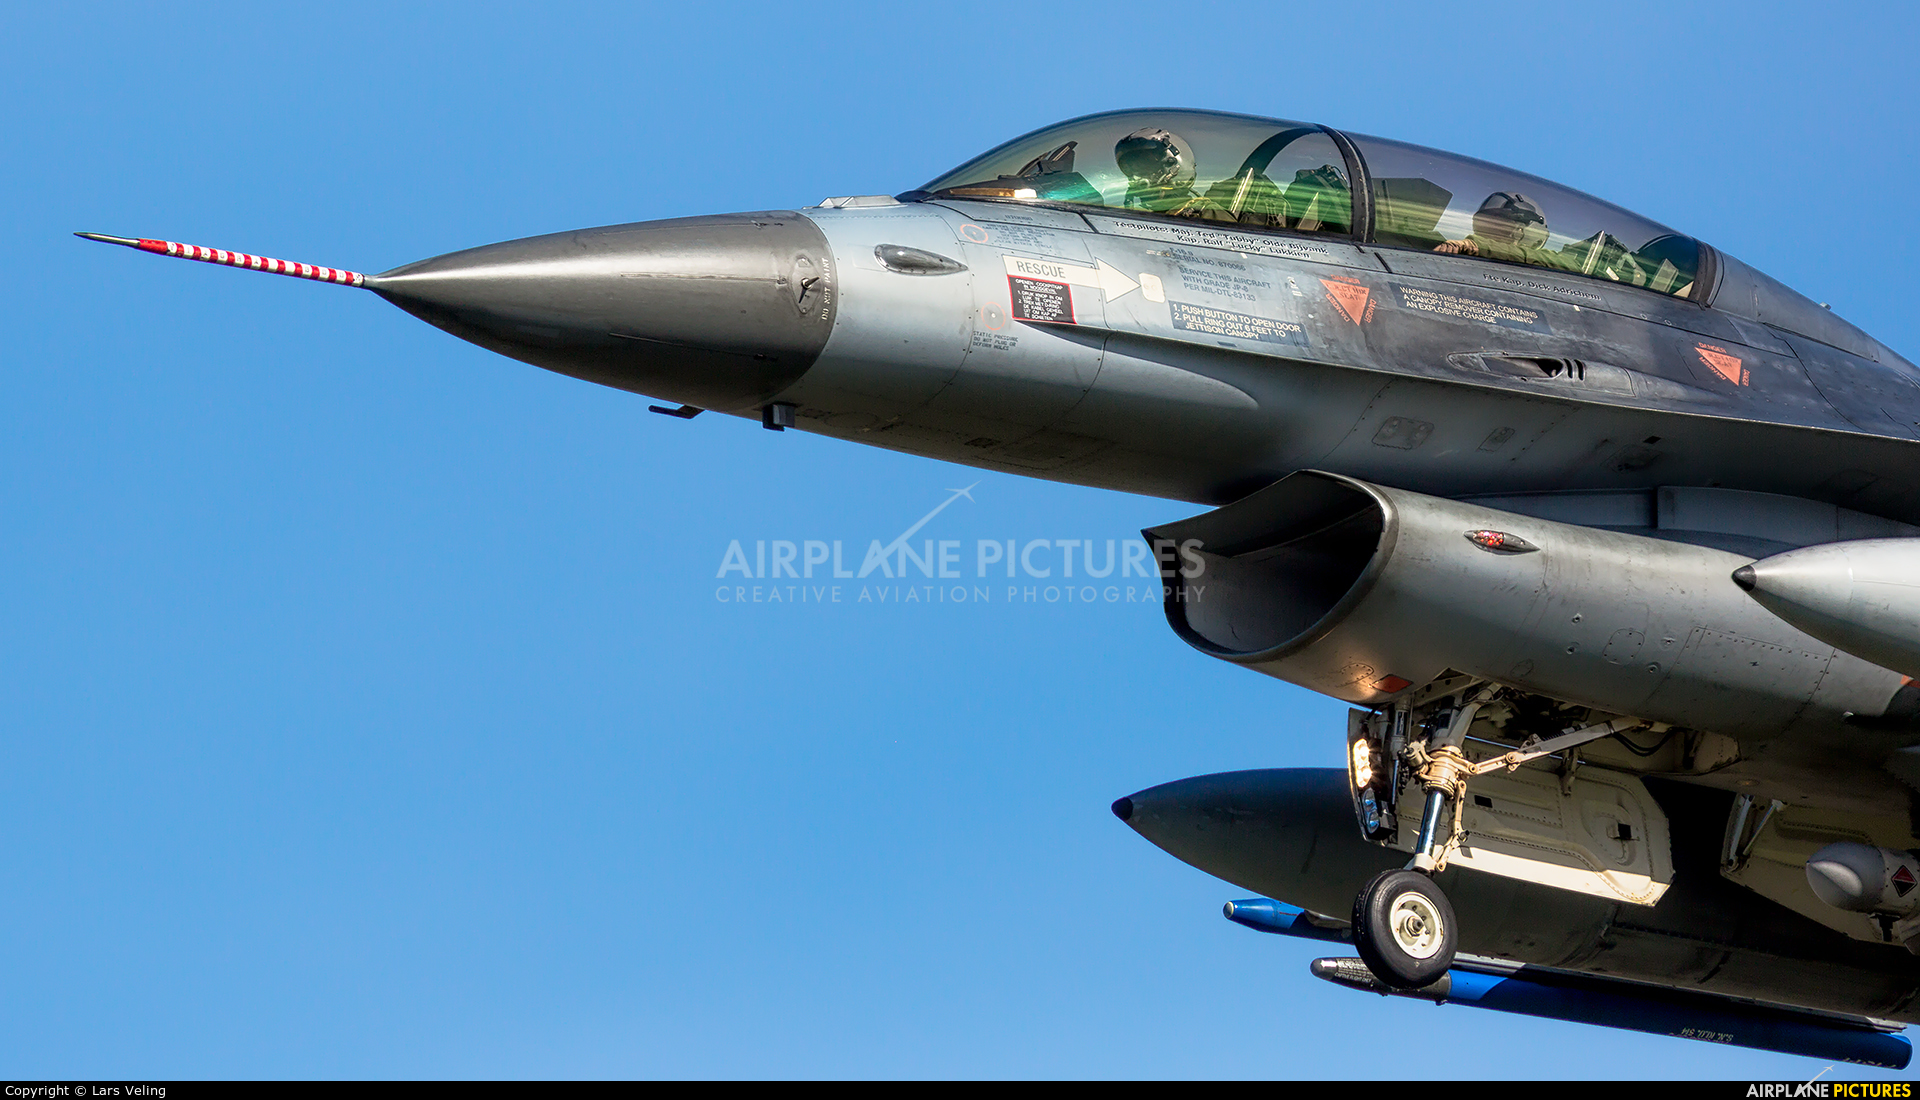 Netherlands - Air Force J-066 aircraft at Leeuwarden